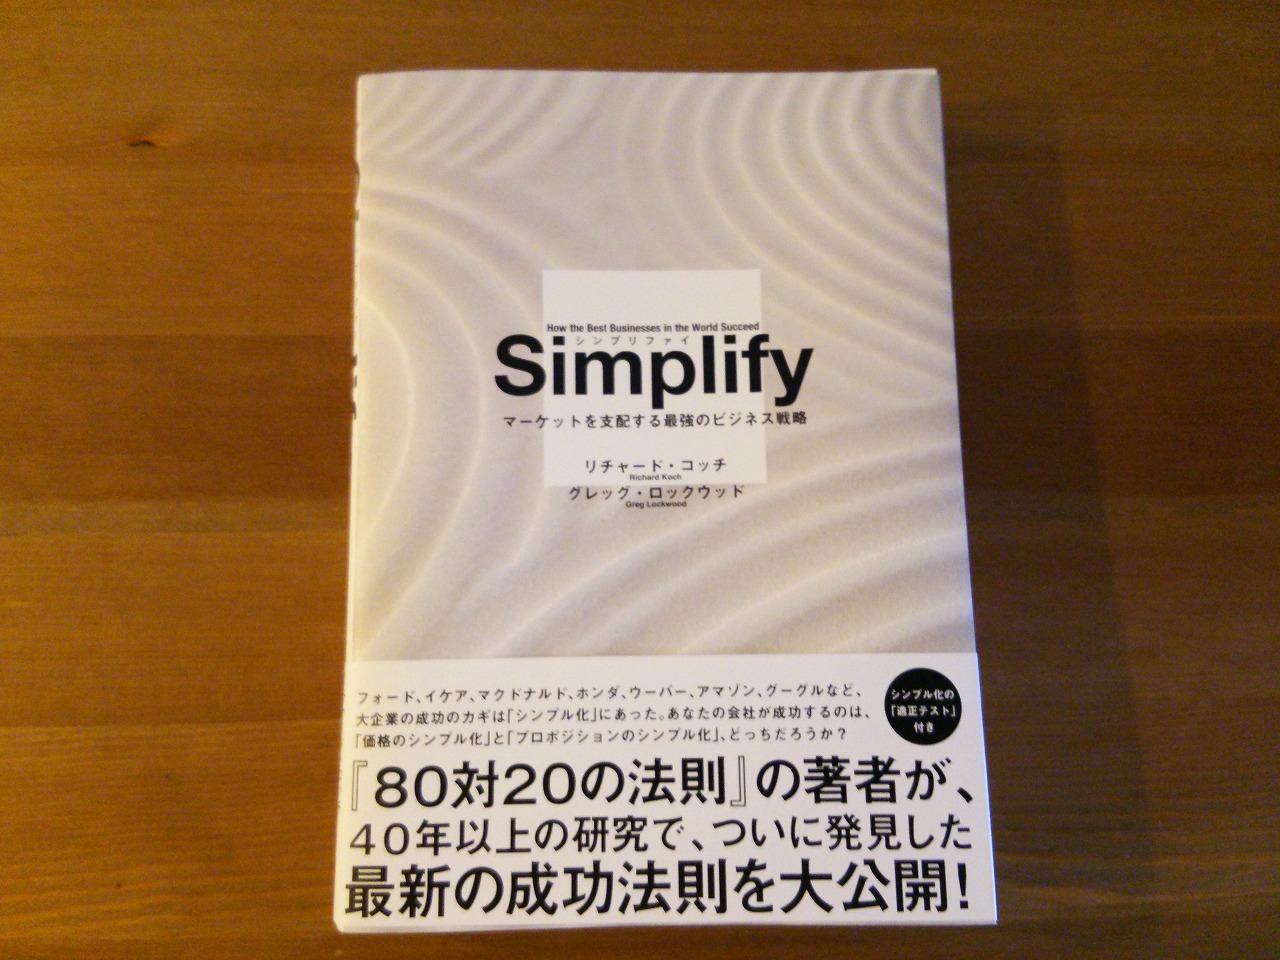 Simplify マーケットを支配する最強のビジネス戦略 レビュー 口コミ